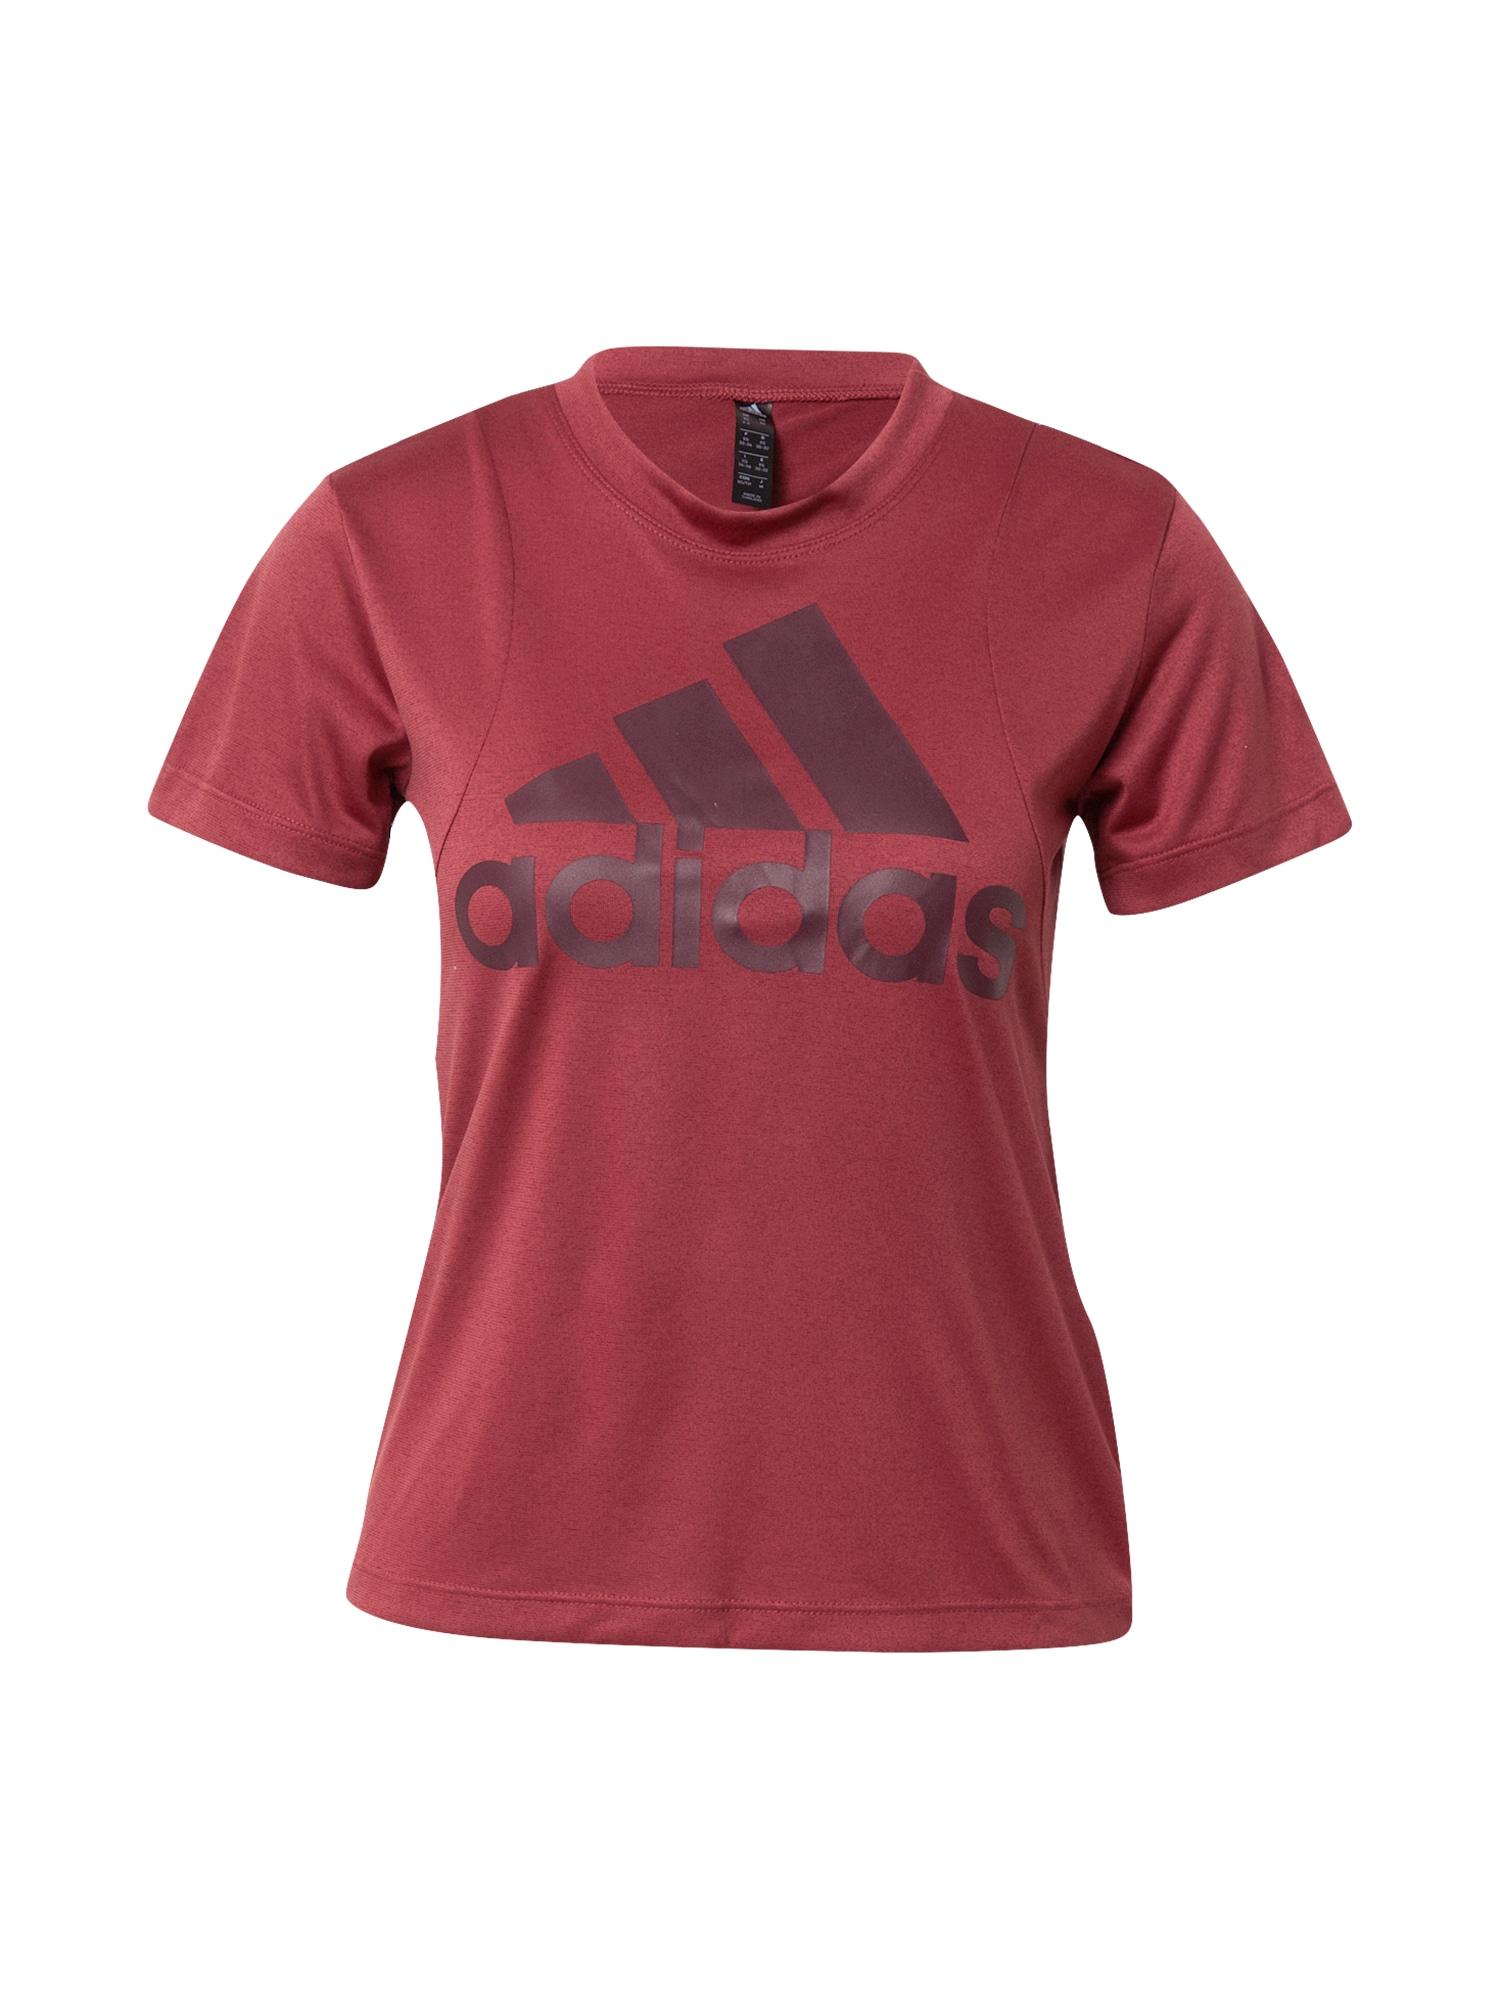 ADIDAS PERFORMANCE Sportiniai marškinėliai tamsiai raudona / baklažano spalva